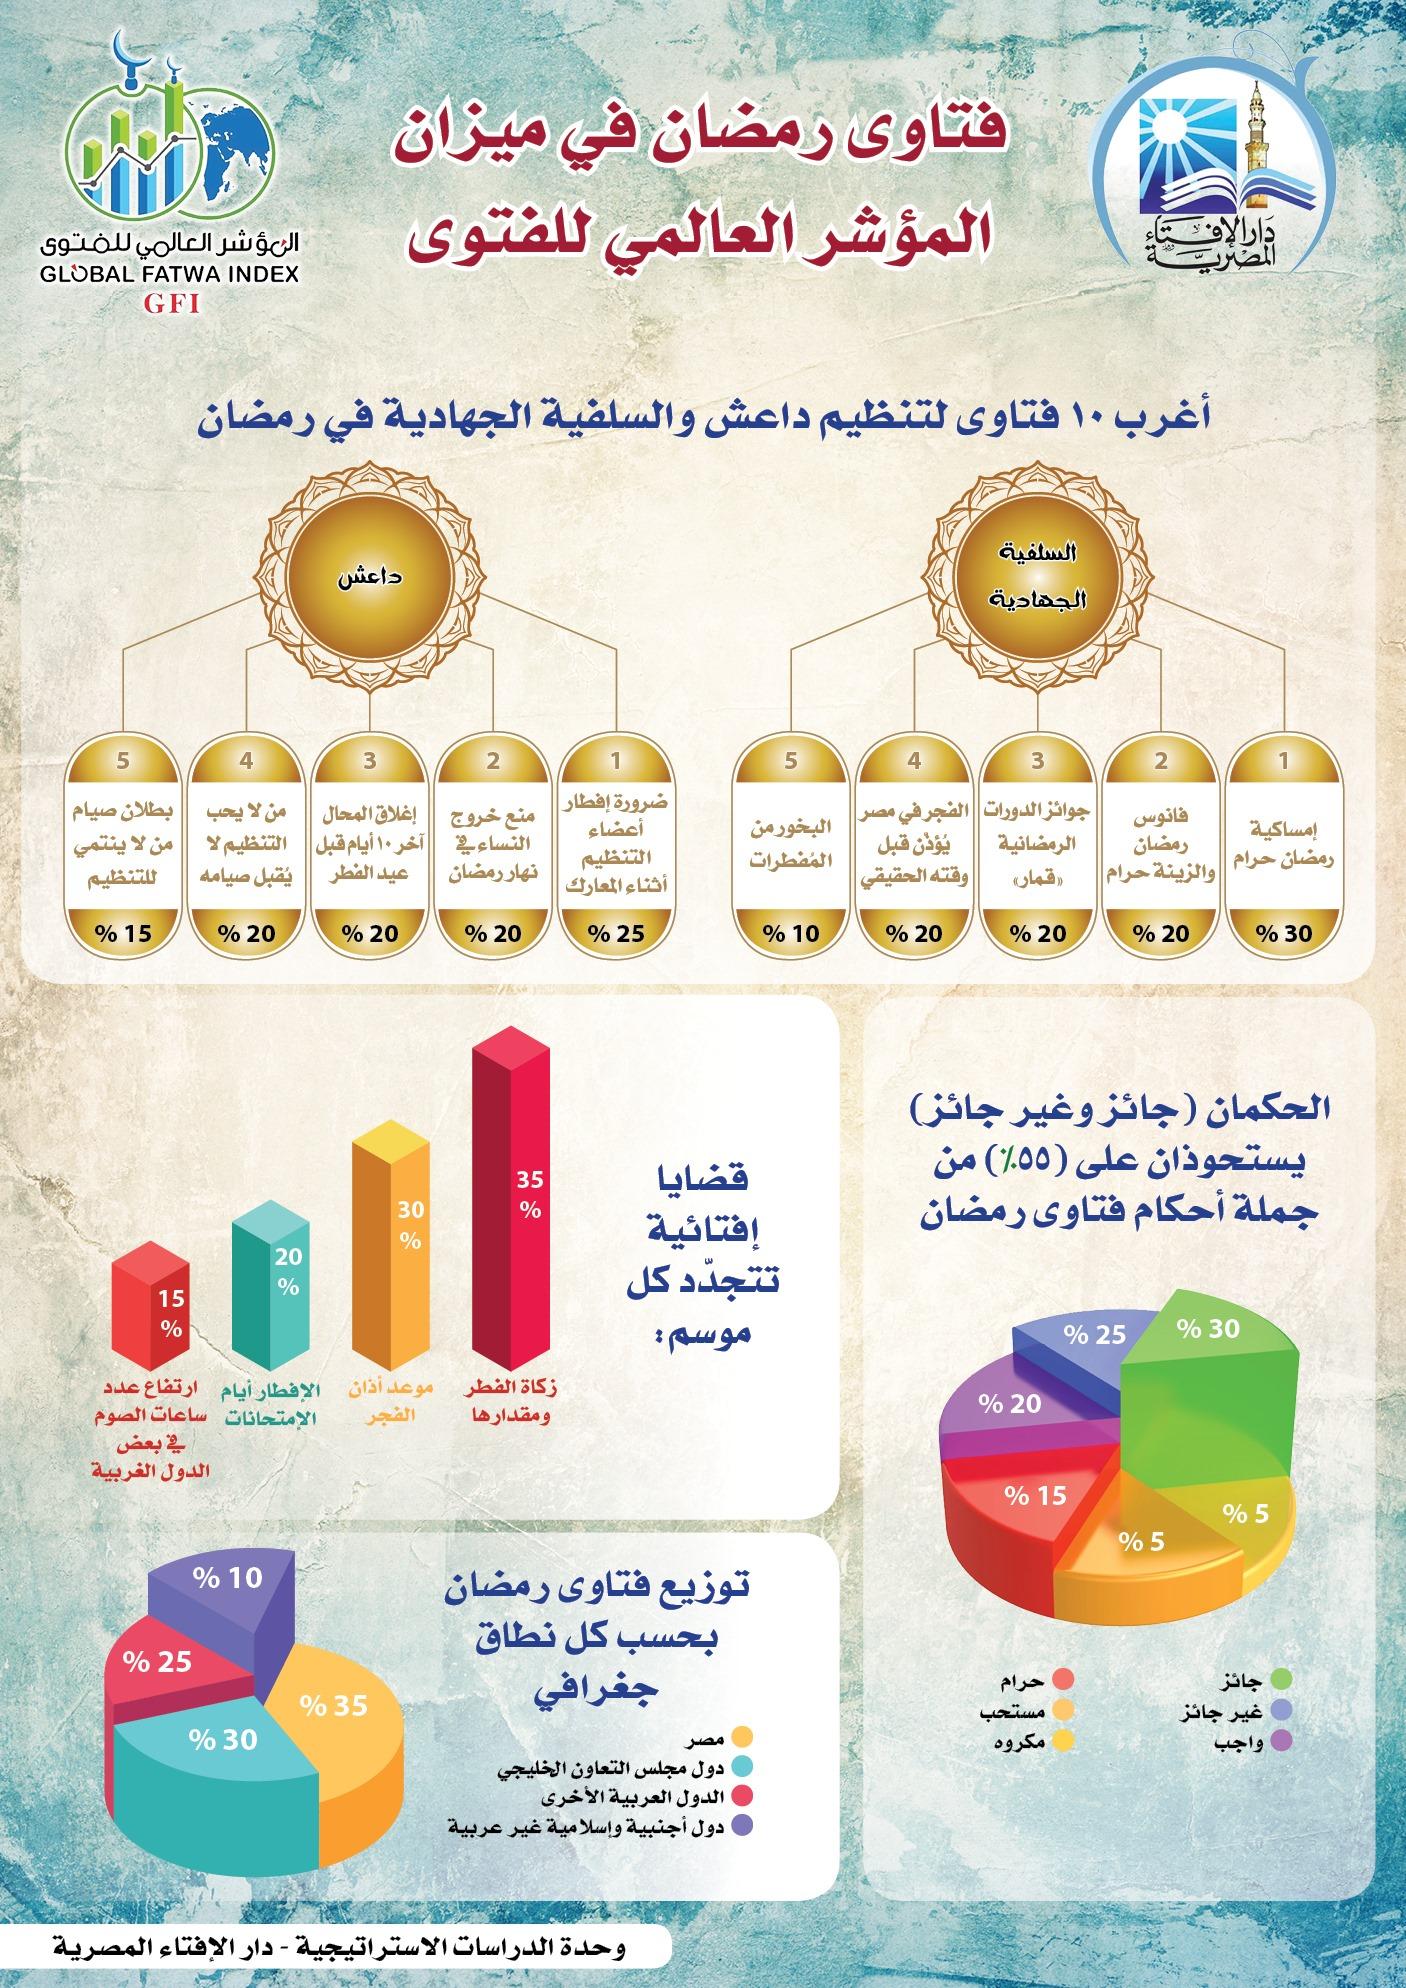 فتاوى رمضان في ميزان المؤشر العالمي للفتوى (بالإنفوجراف)